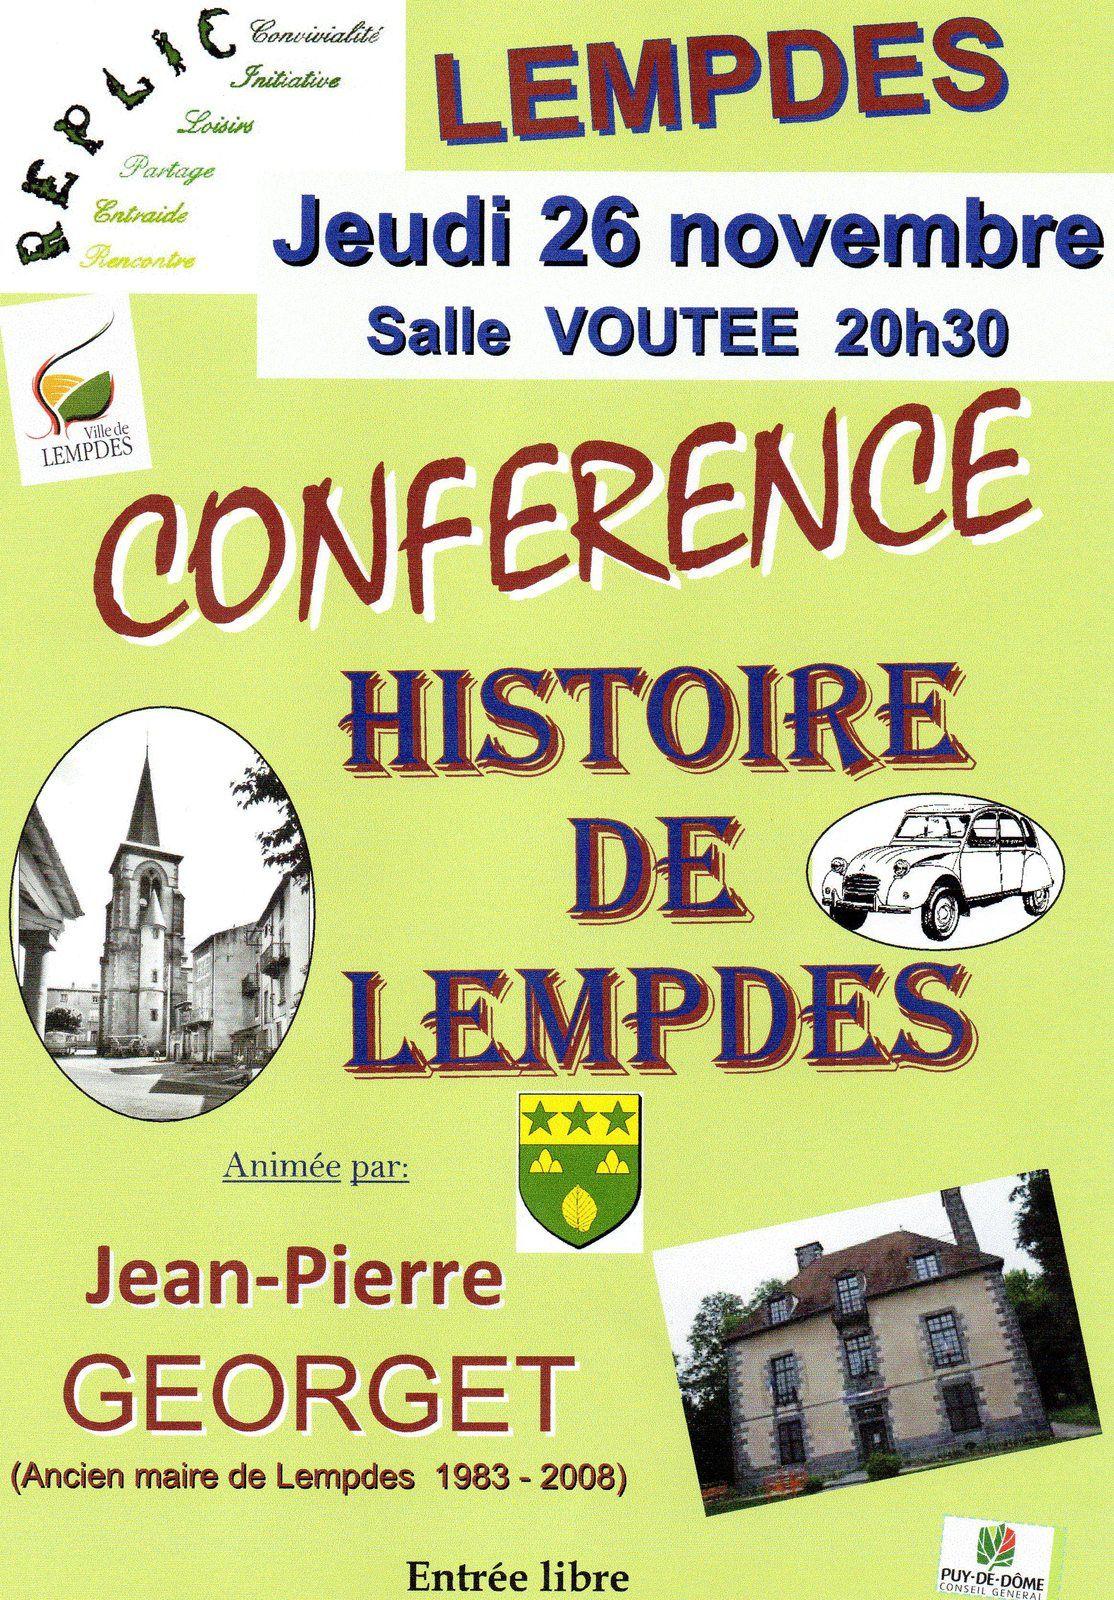 REPLIC Conférence Histoire de Lempdes